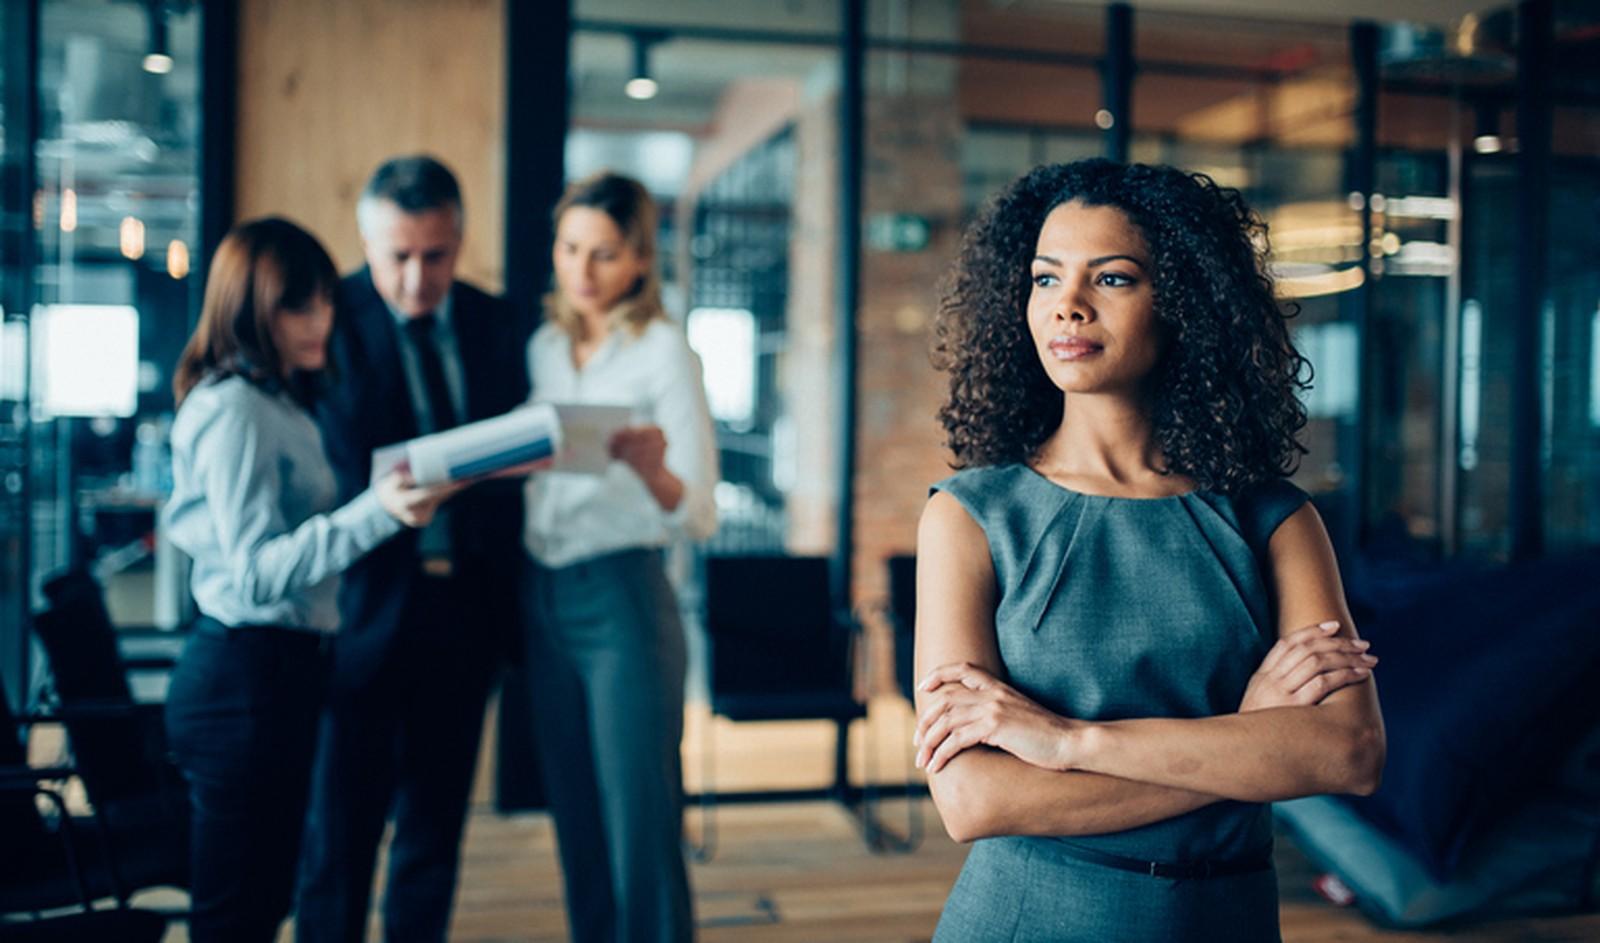 Empresas lideradas por mulheres na América Latina têm 50% mais chances de crescer